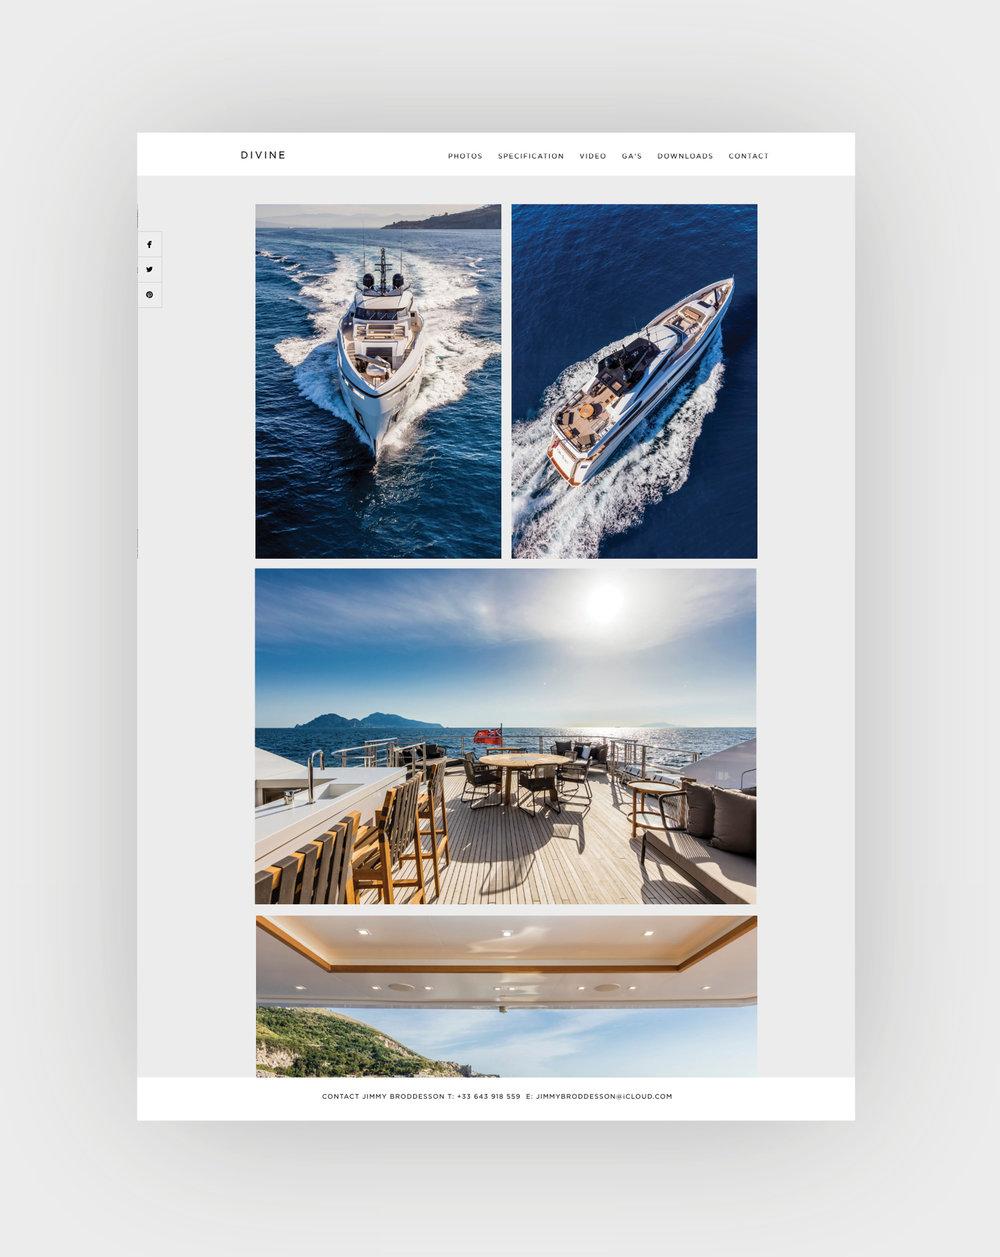 divine website gallery.jpg